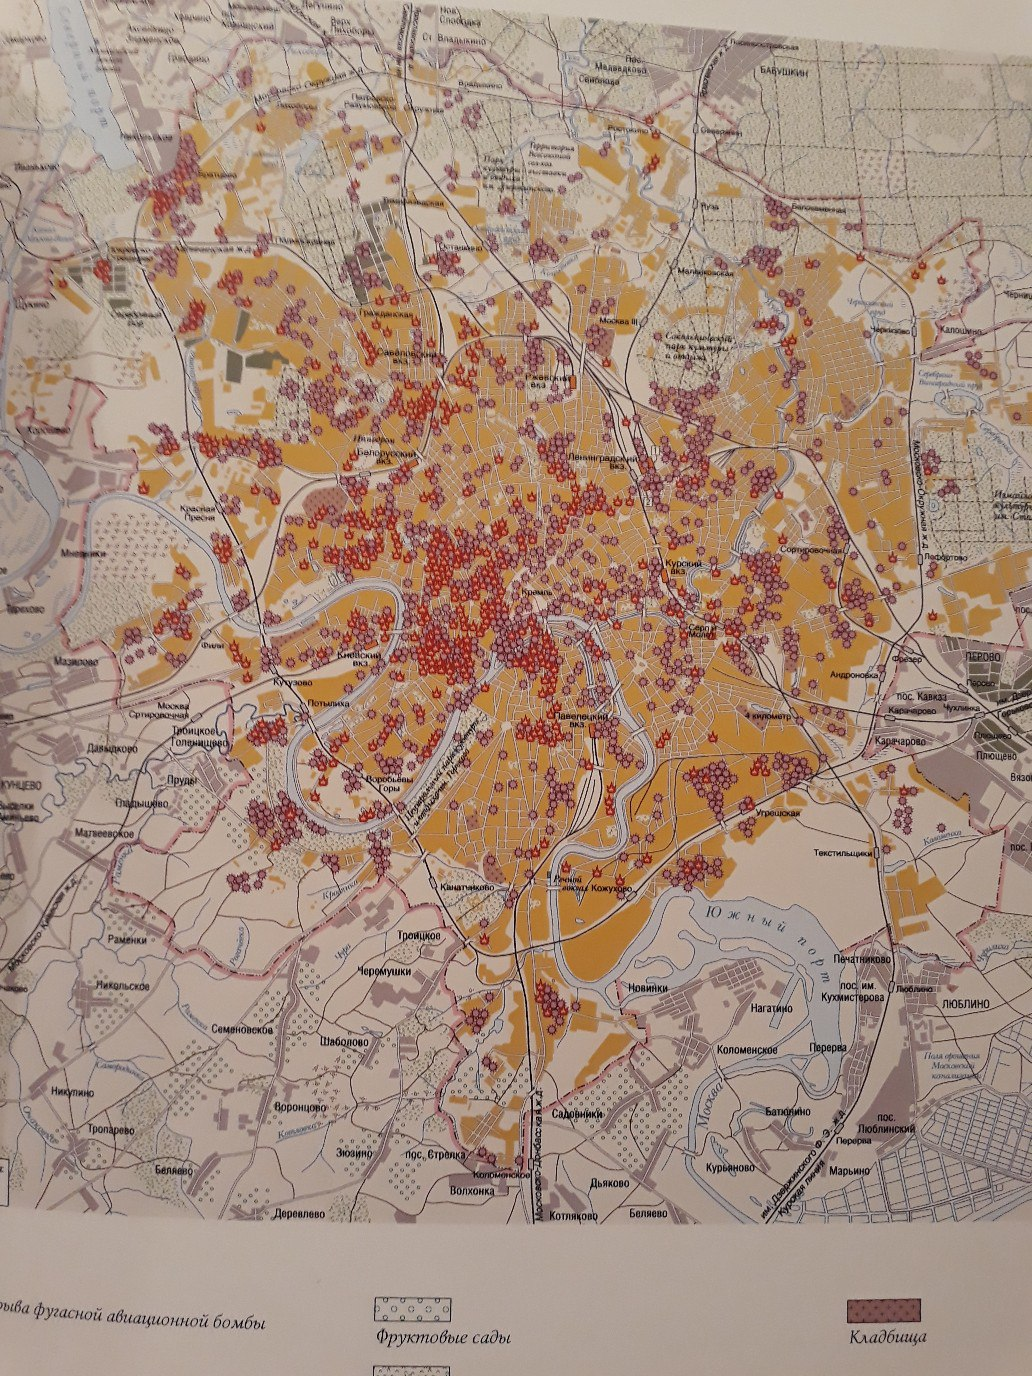 Карта немецких бомбардировок Москвы, 1941-1942